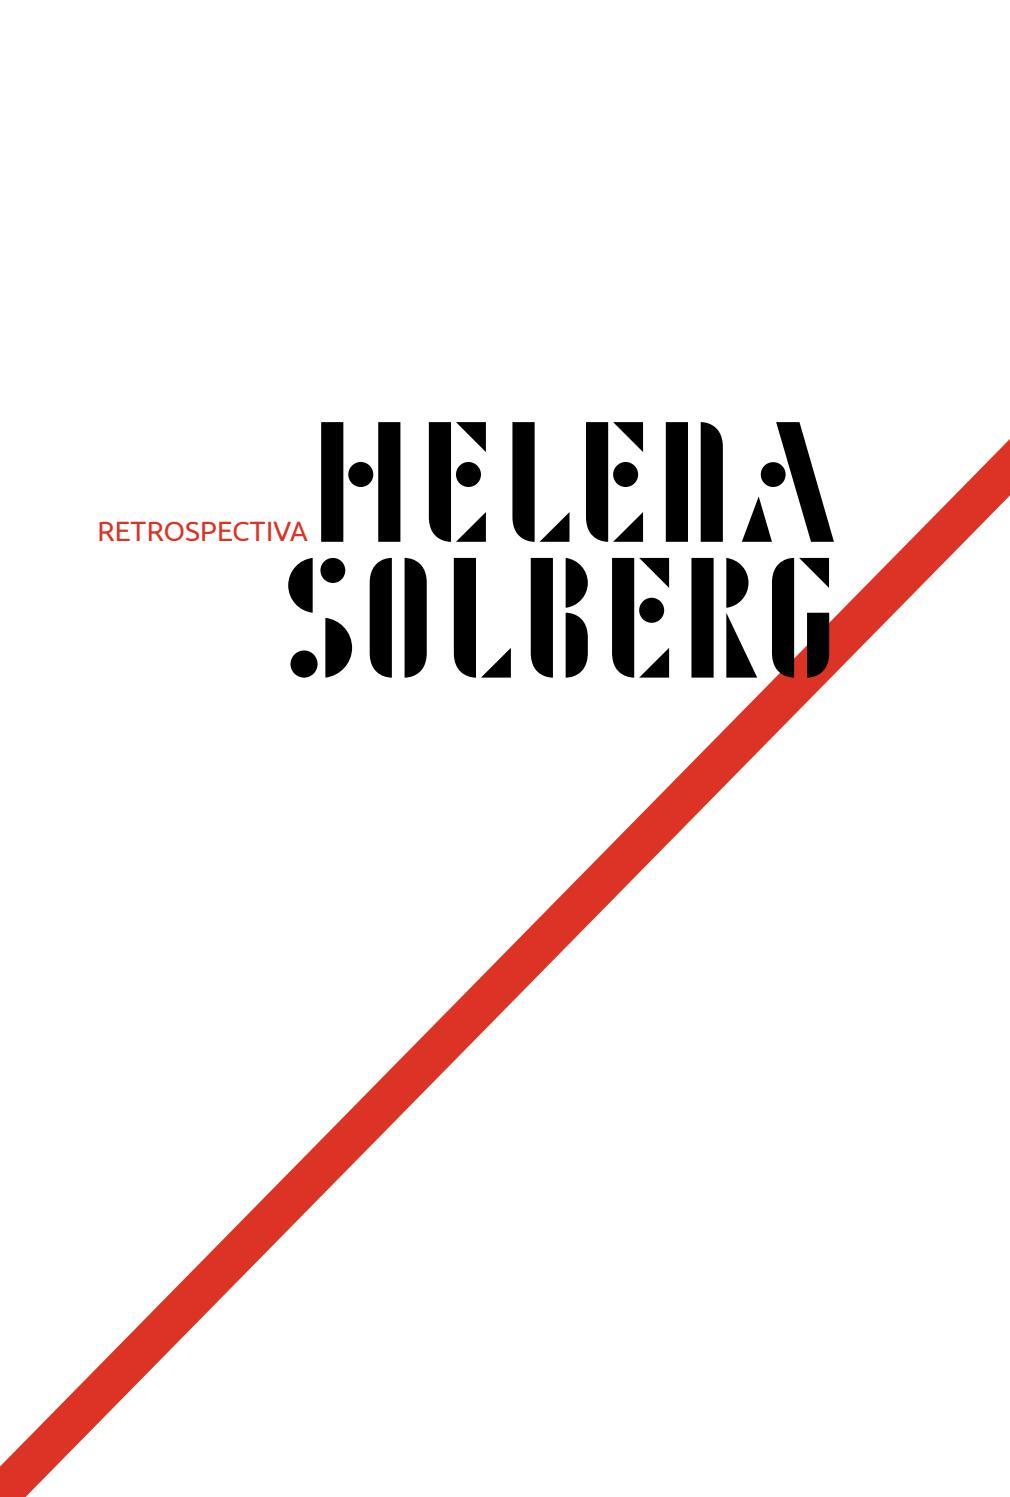 Catálogo da Retrospectiva Helena Solberg by Filmes de Quintal - issuu 2c39658128b90